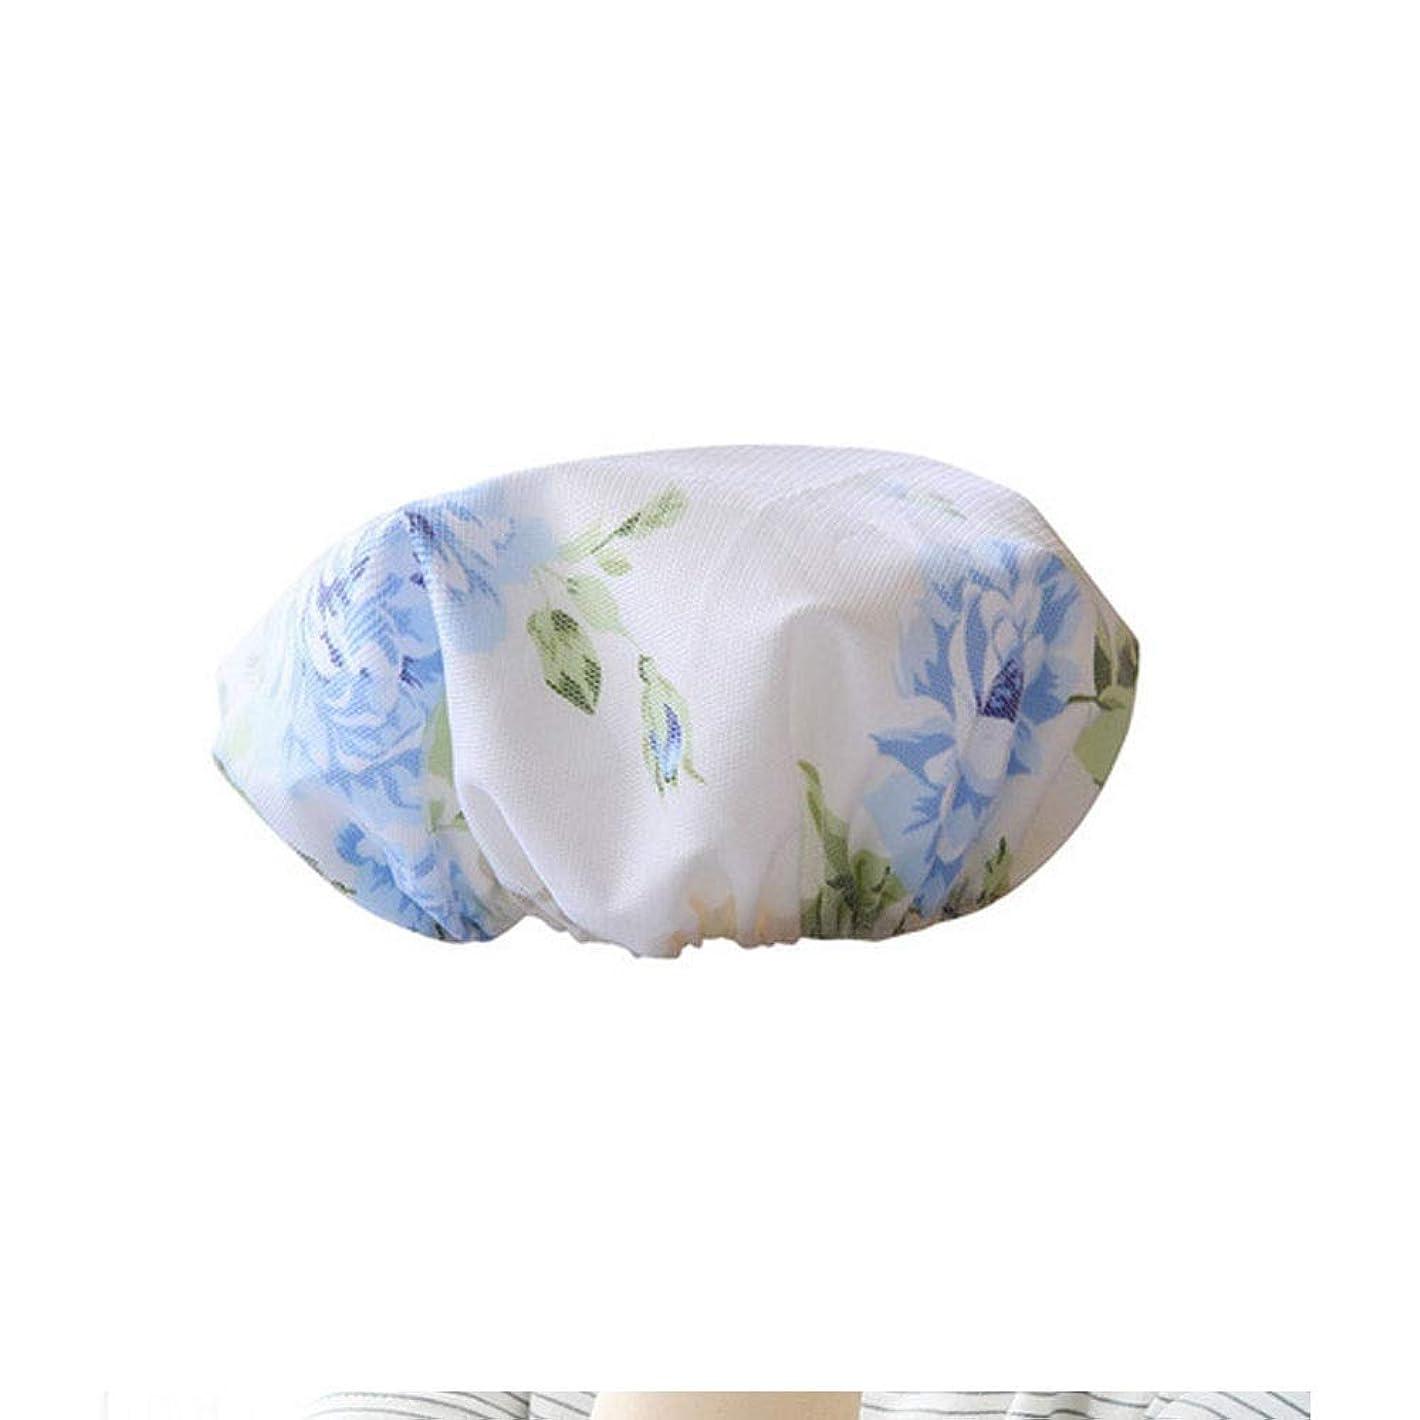 帝国主義豊かにする警戒YUXUANCIXIU シャワーキャップ、レディースシャワーキャップレディース用のすべての髪の長さと太さのデラックスシャワーキャップ - 防水とカビ防止、再利用可能なシャワーキャップ。 家庭用品 (Color : Blue)